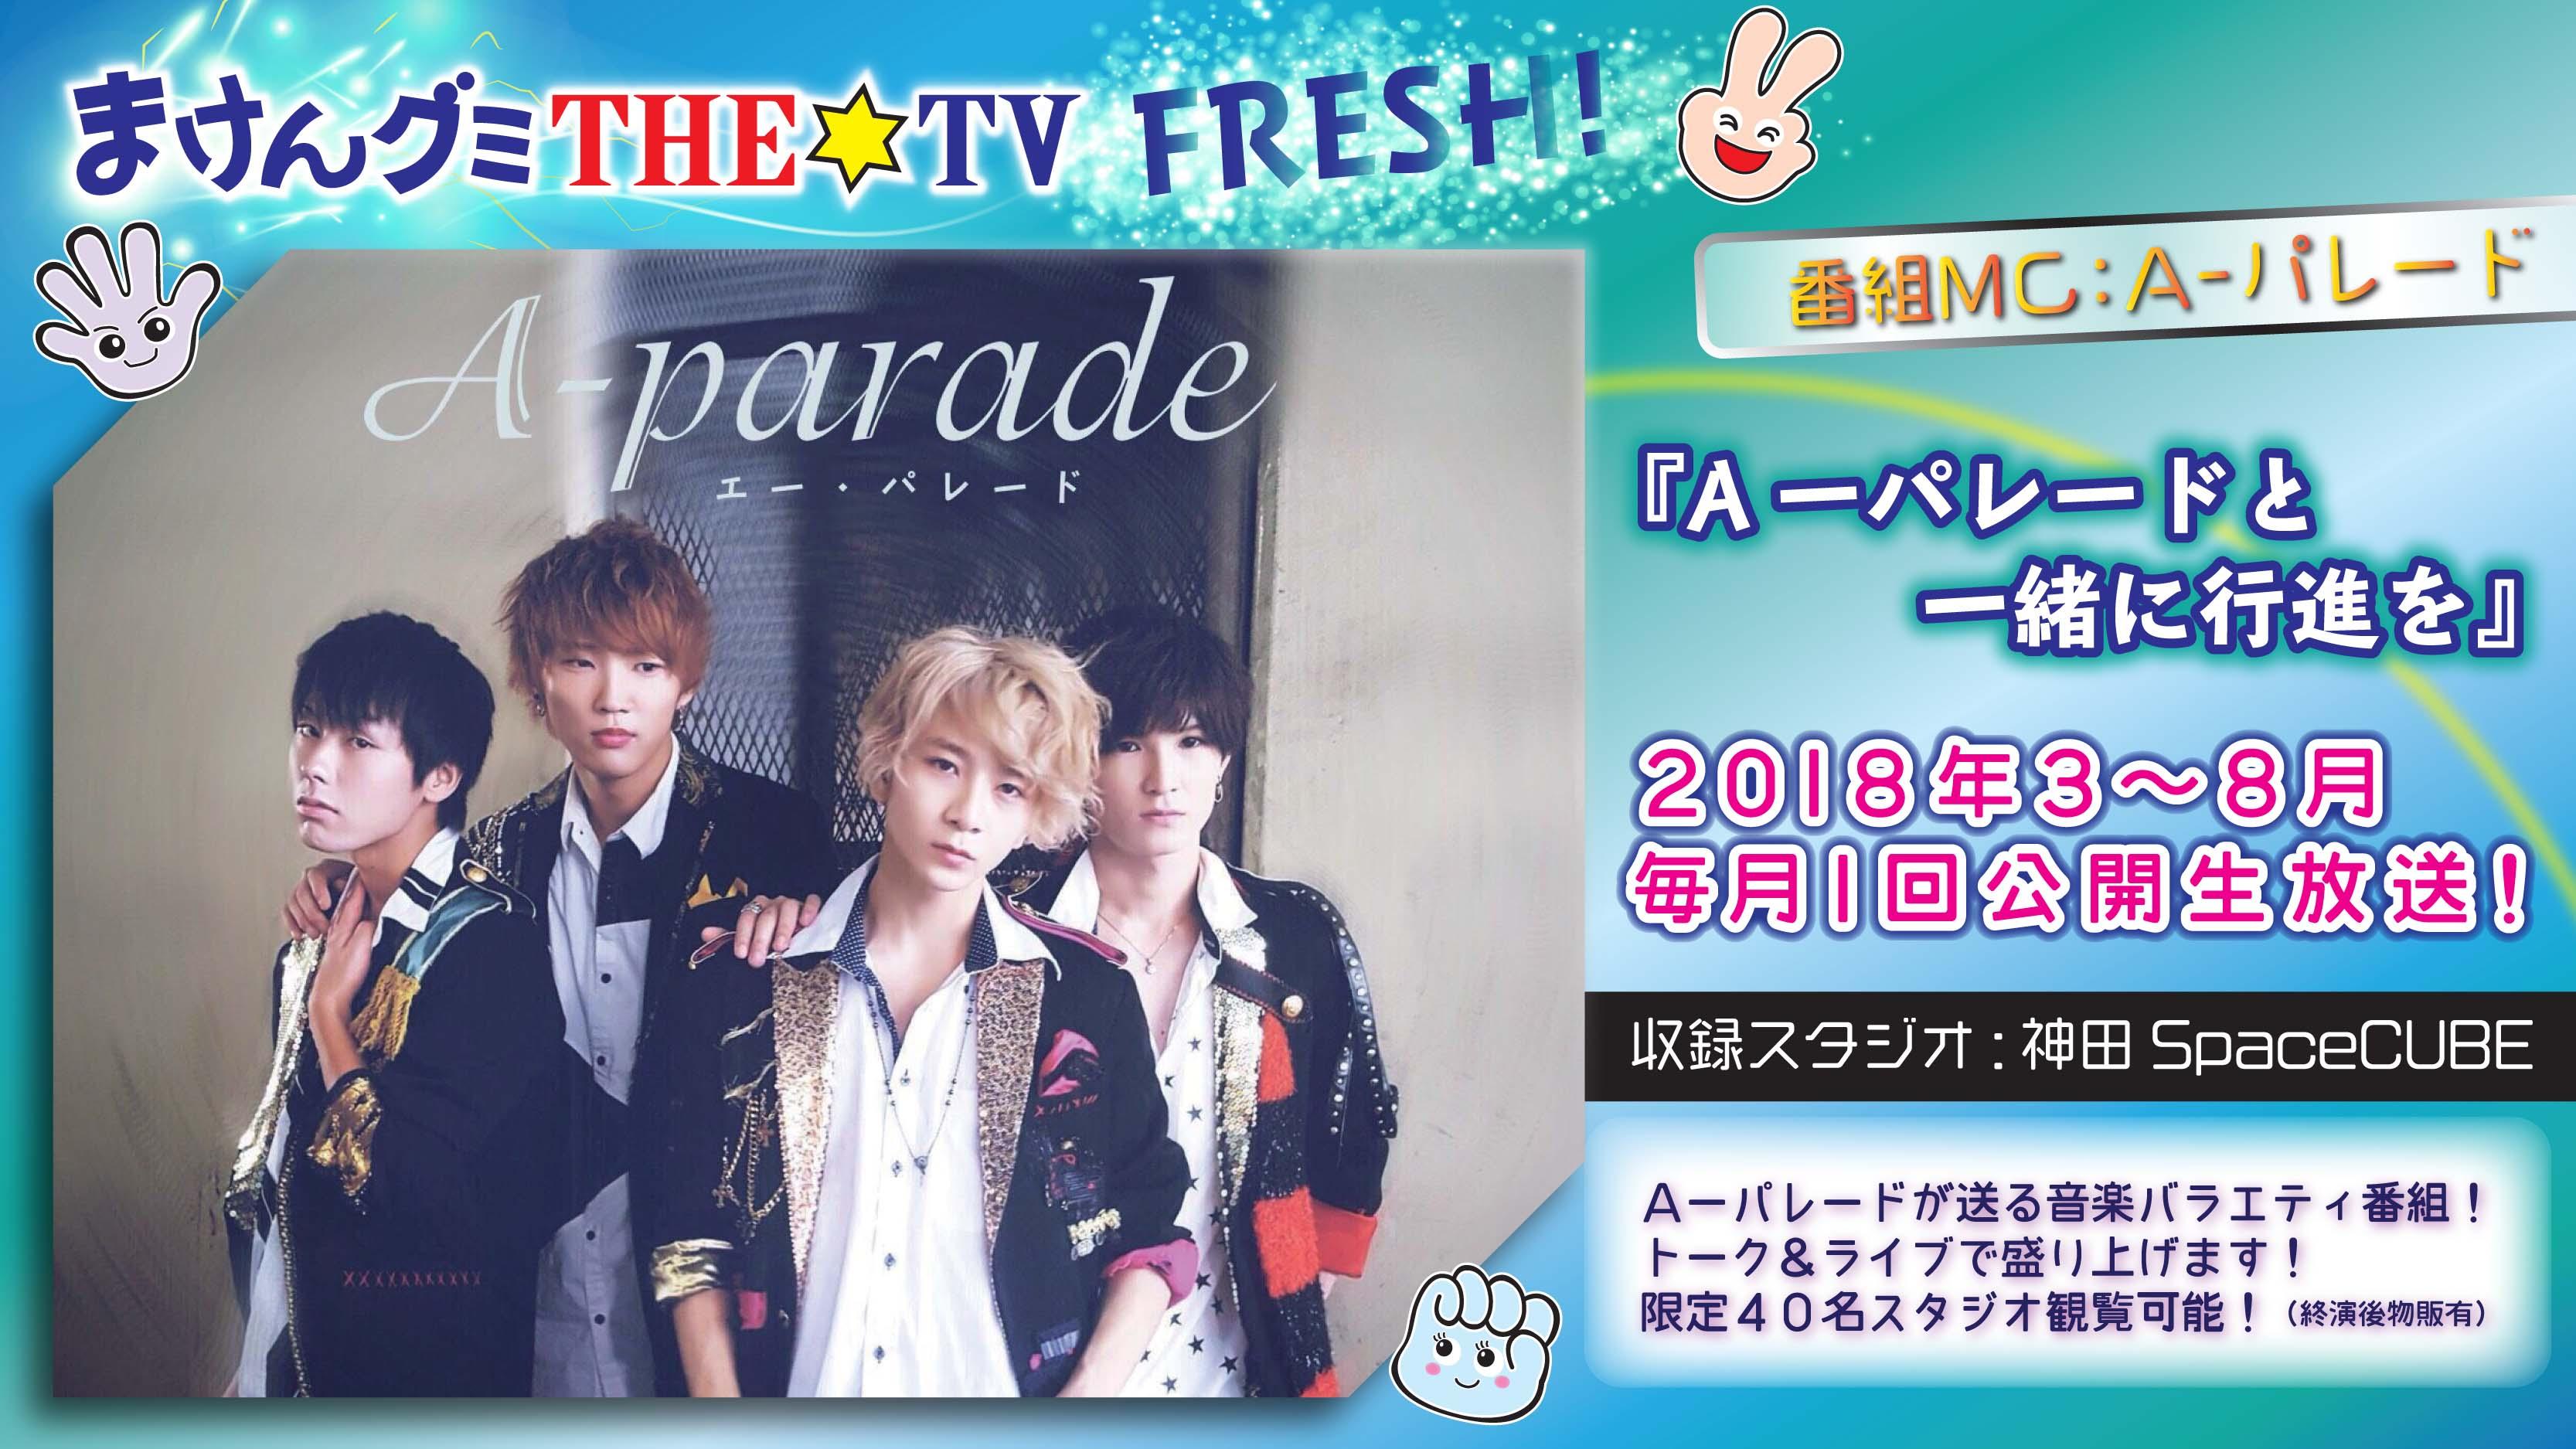 まけんグミTHE☆TV FRESH! 『A-パレードと一緒に行進を』